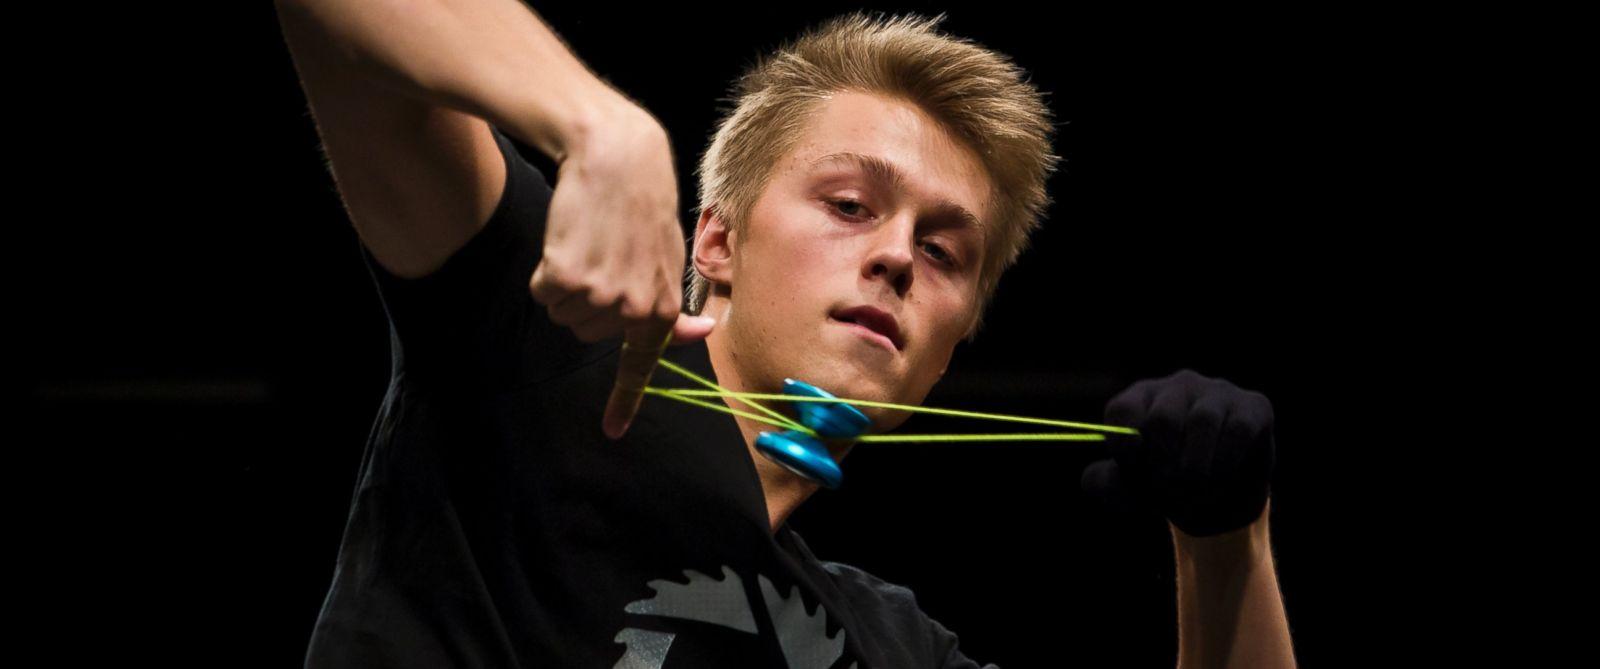 PHOTO: Gentry Stein, Yo-Yo World Champion, during the 2014 World Yo-Yo Contest in Prague, Czech Republic, Aug. 9, 2014.